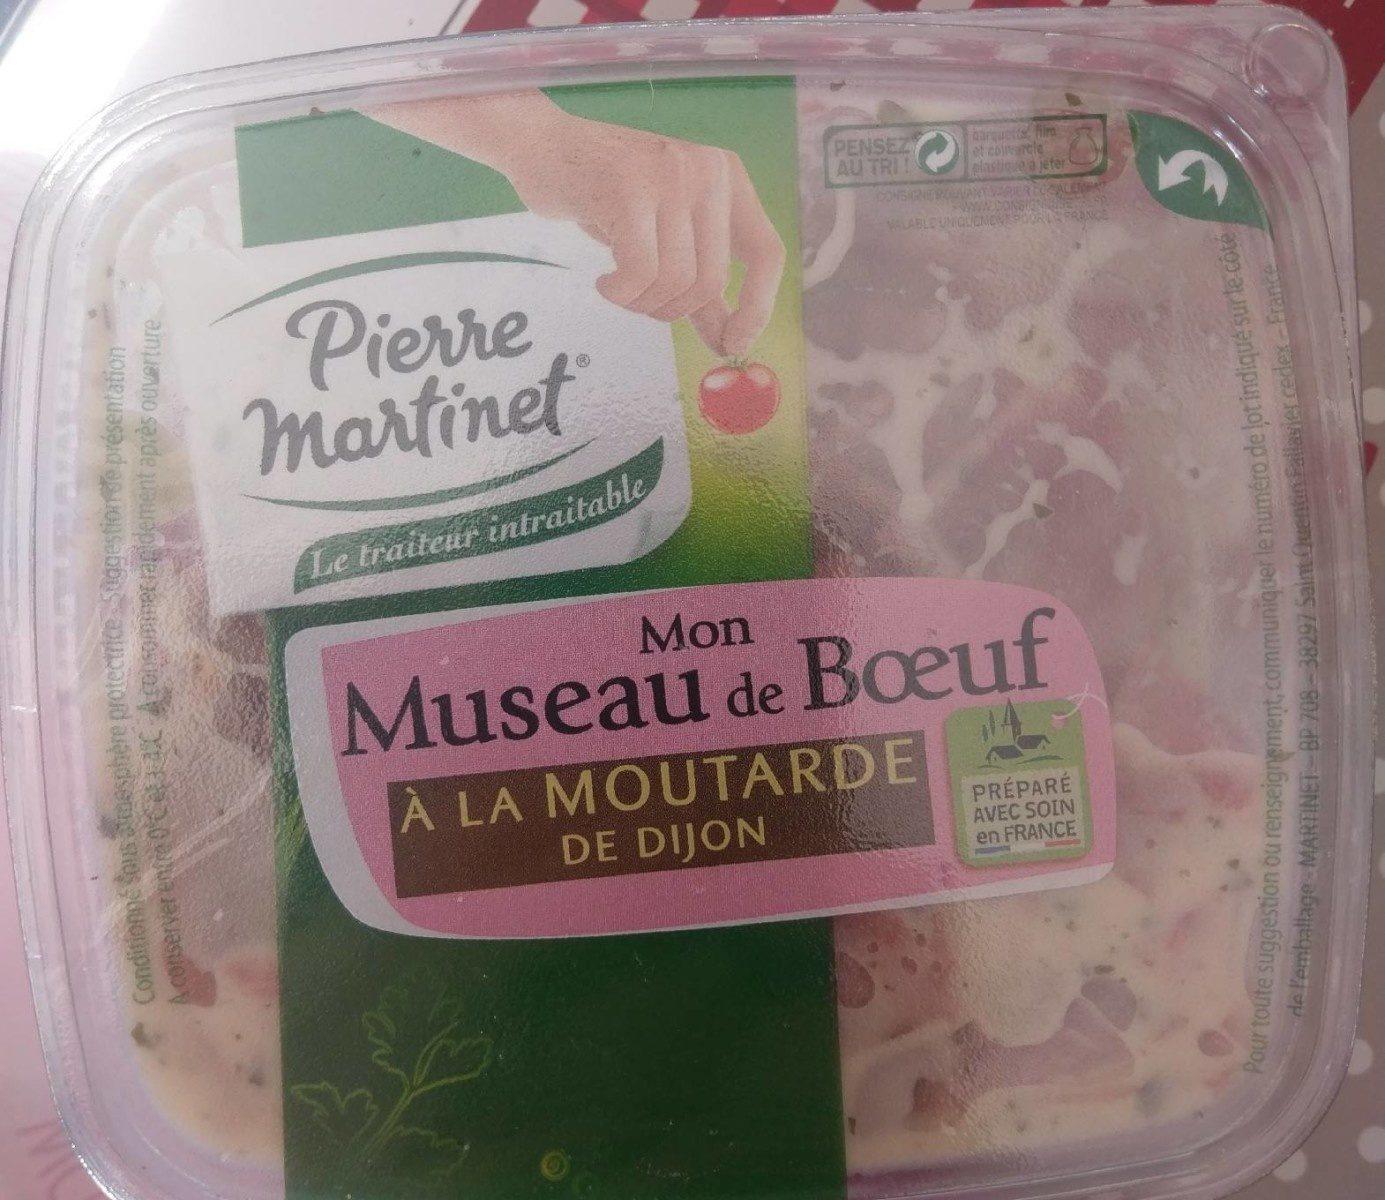 Museau de Boeuf à la moutarde de Dijon - Product - fr